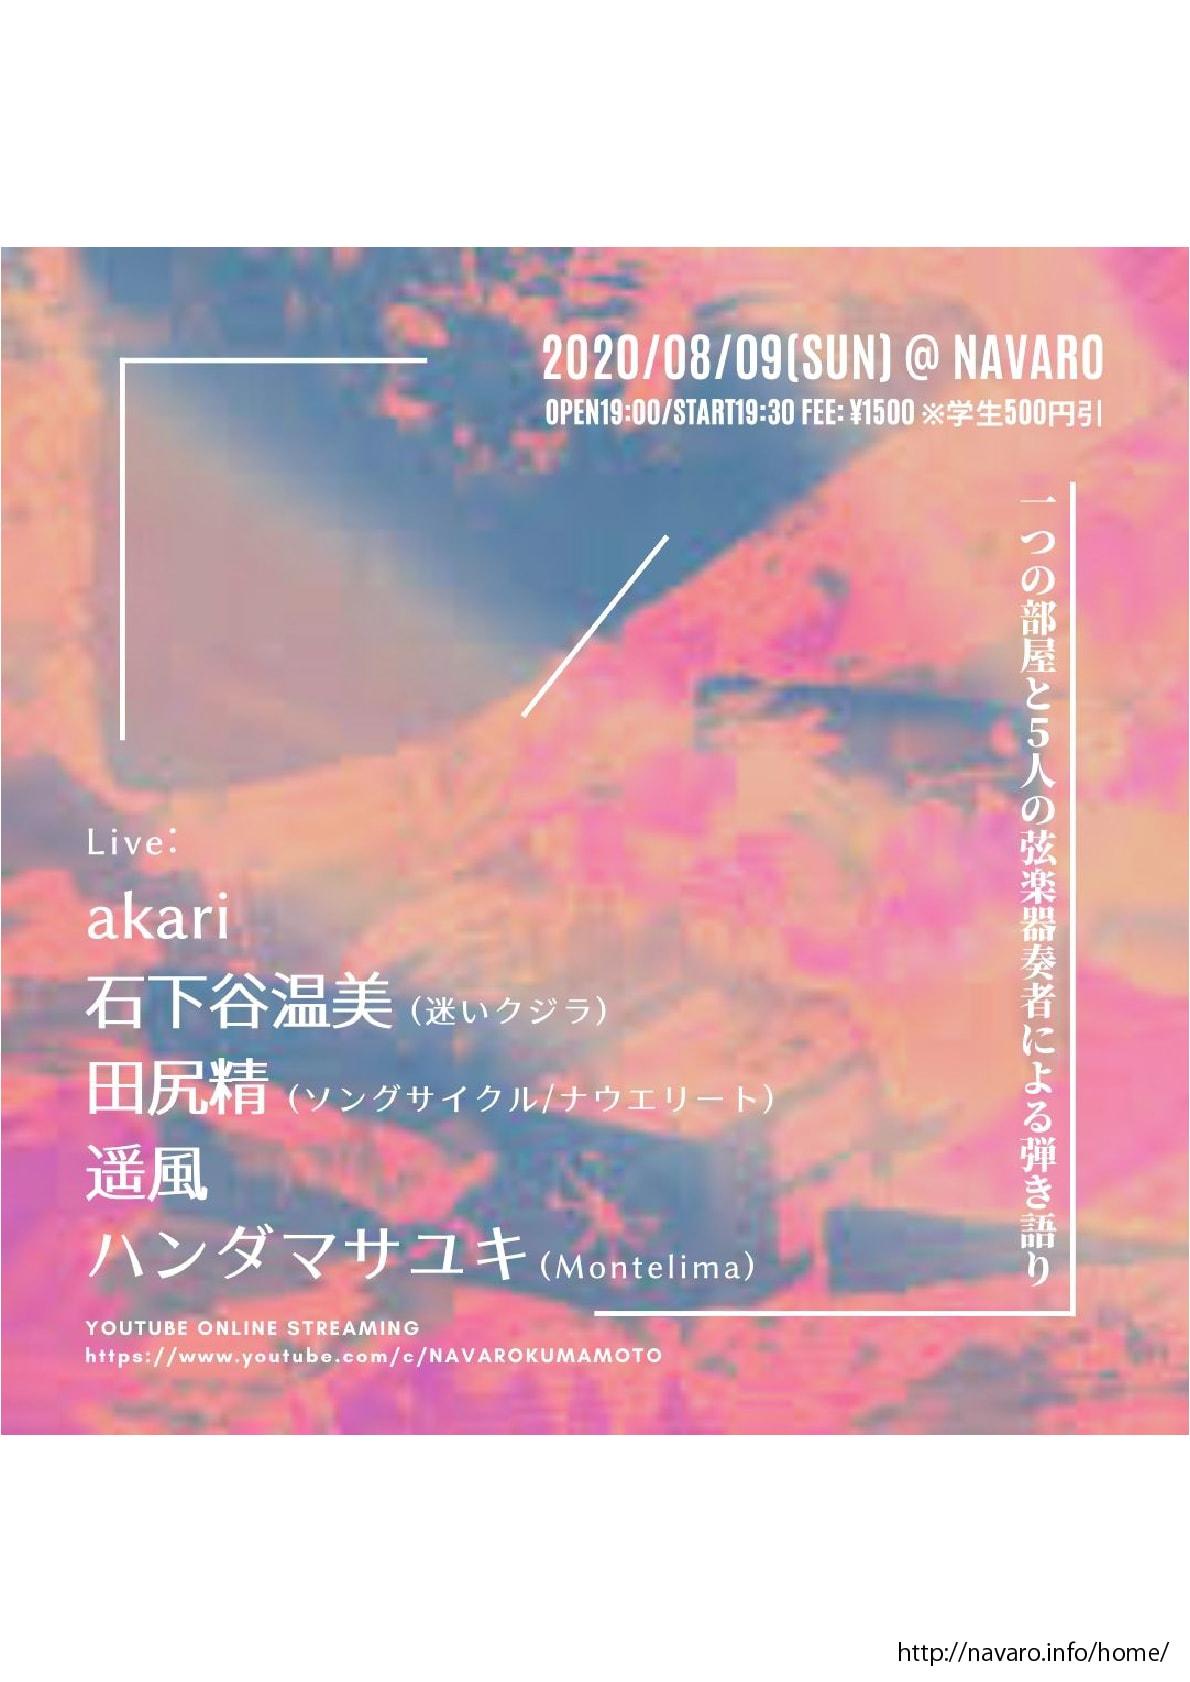 一つの部屋と5人の弦楽器奏者による弾き語り@熊本Navaroチラシ1